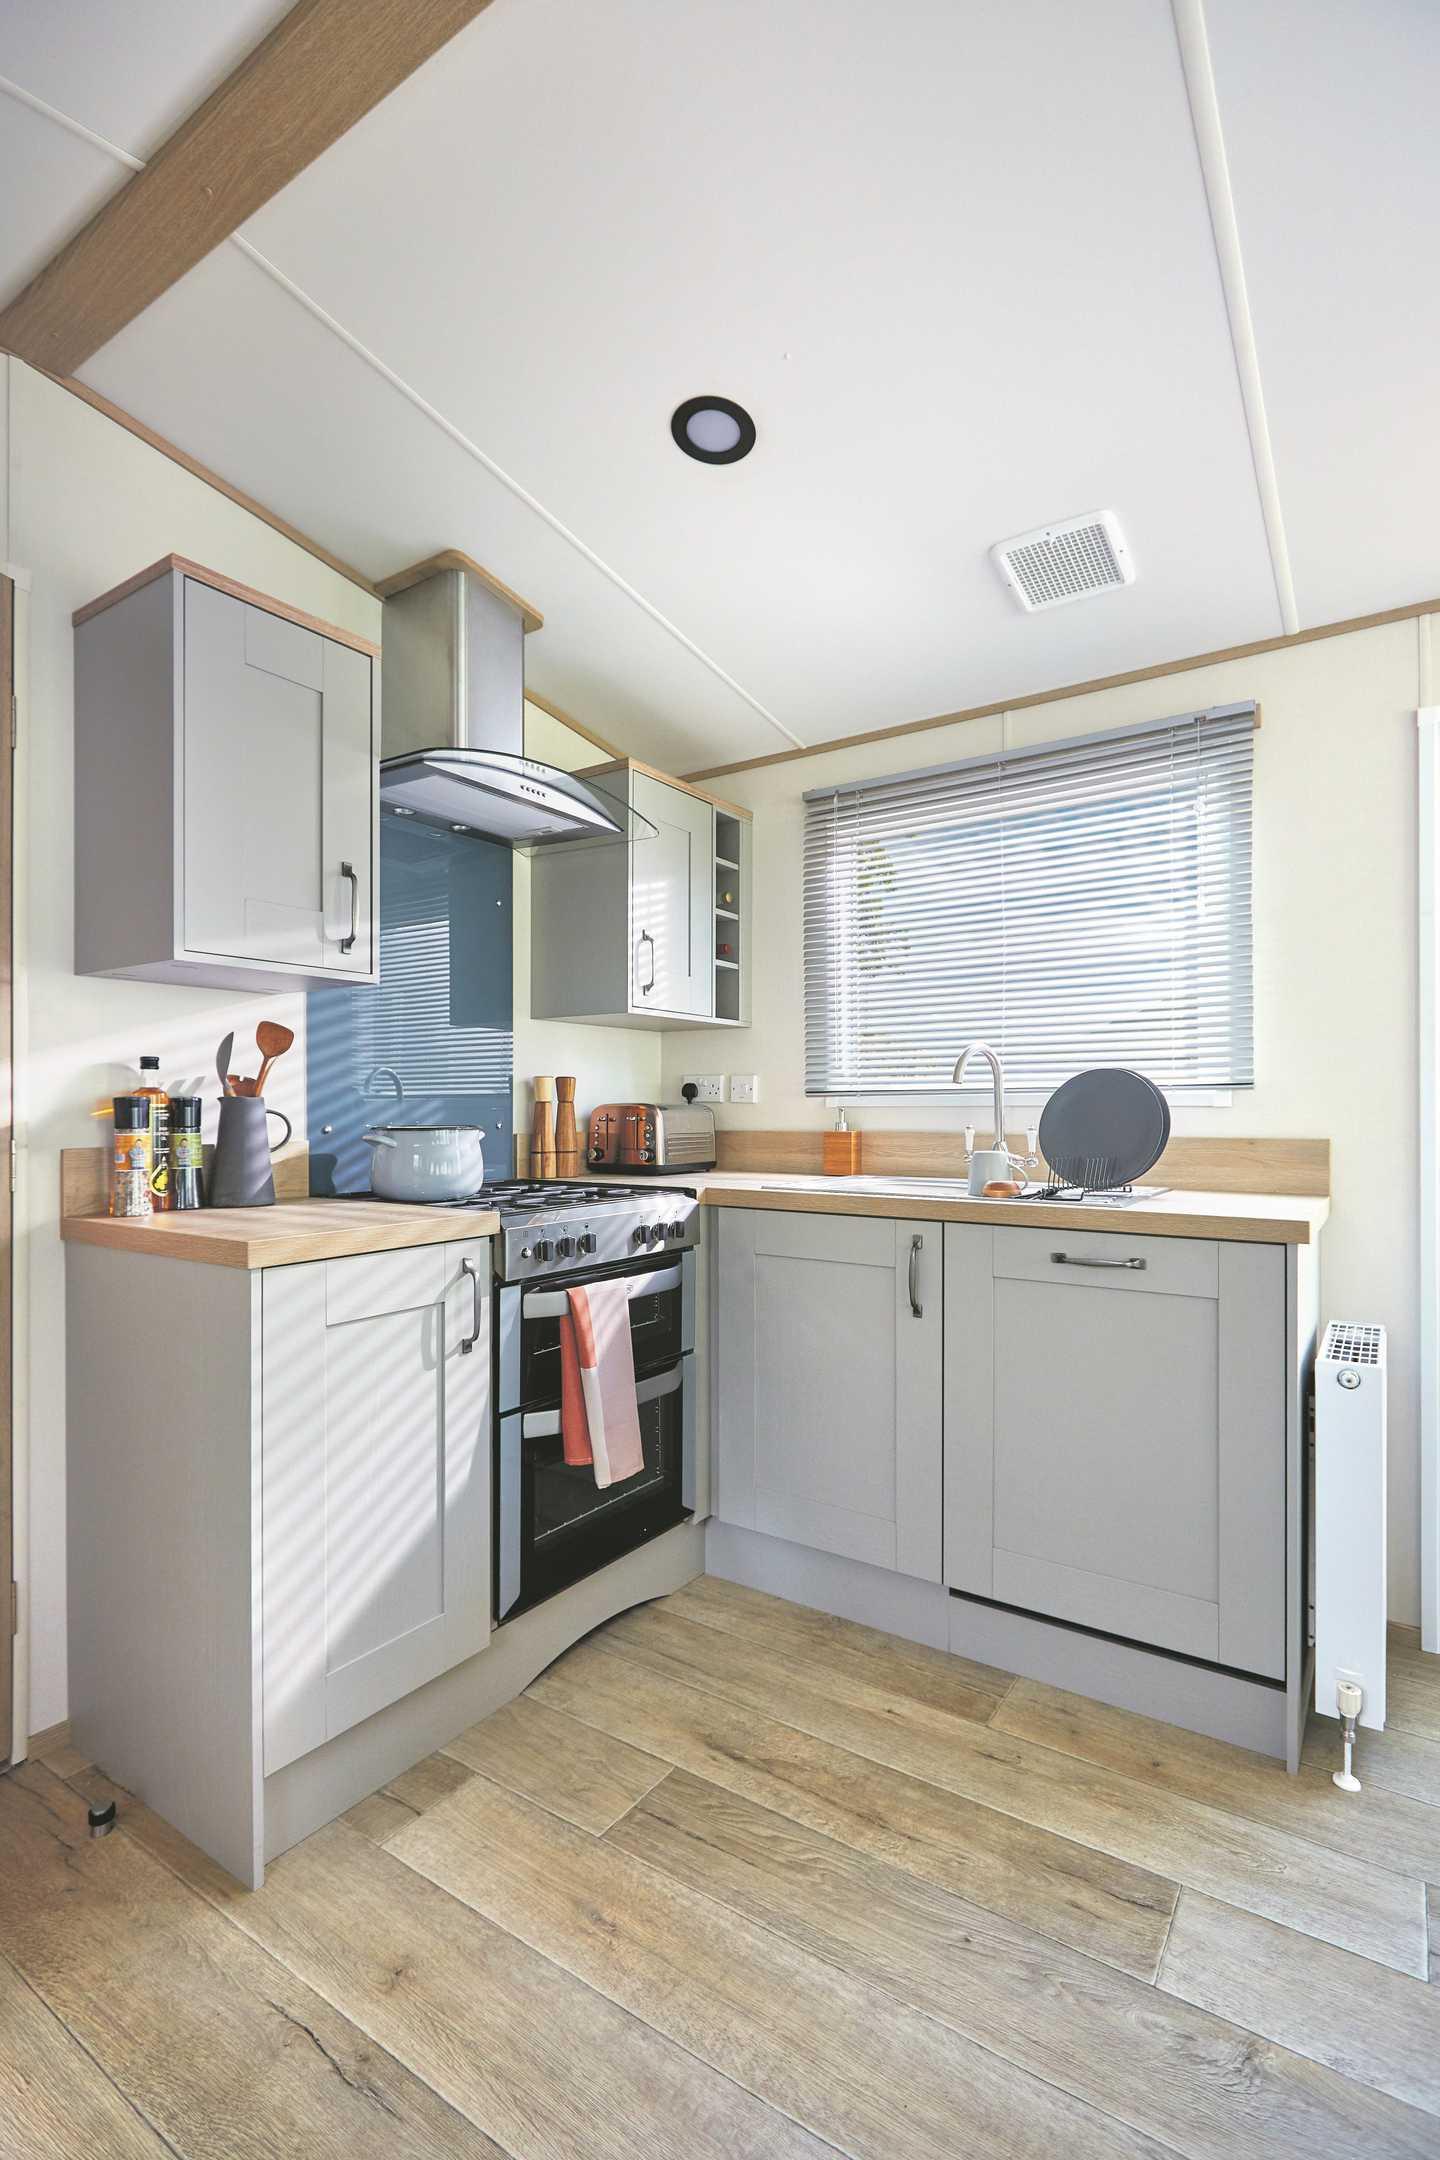 ABI Windermere kitchen